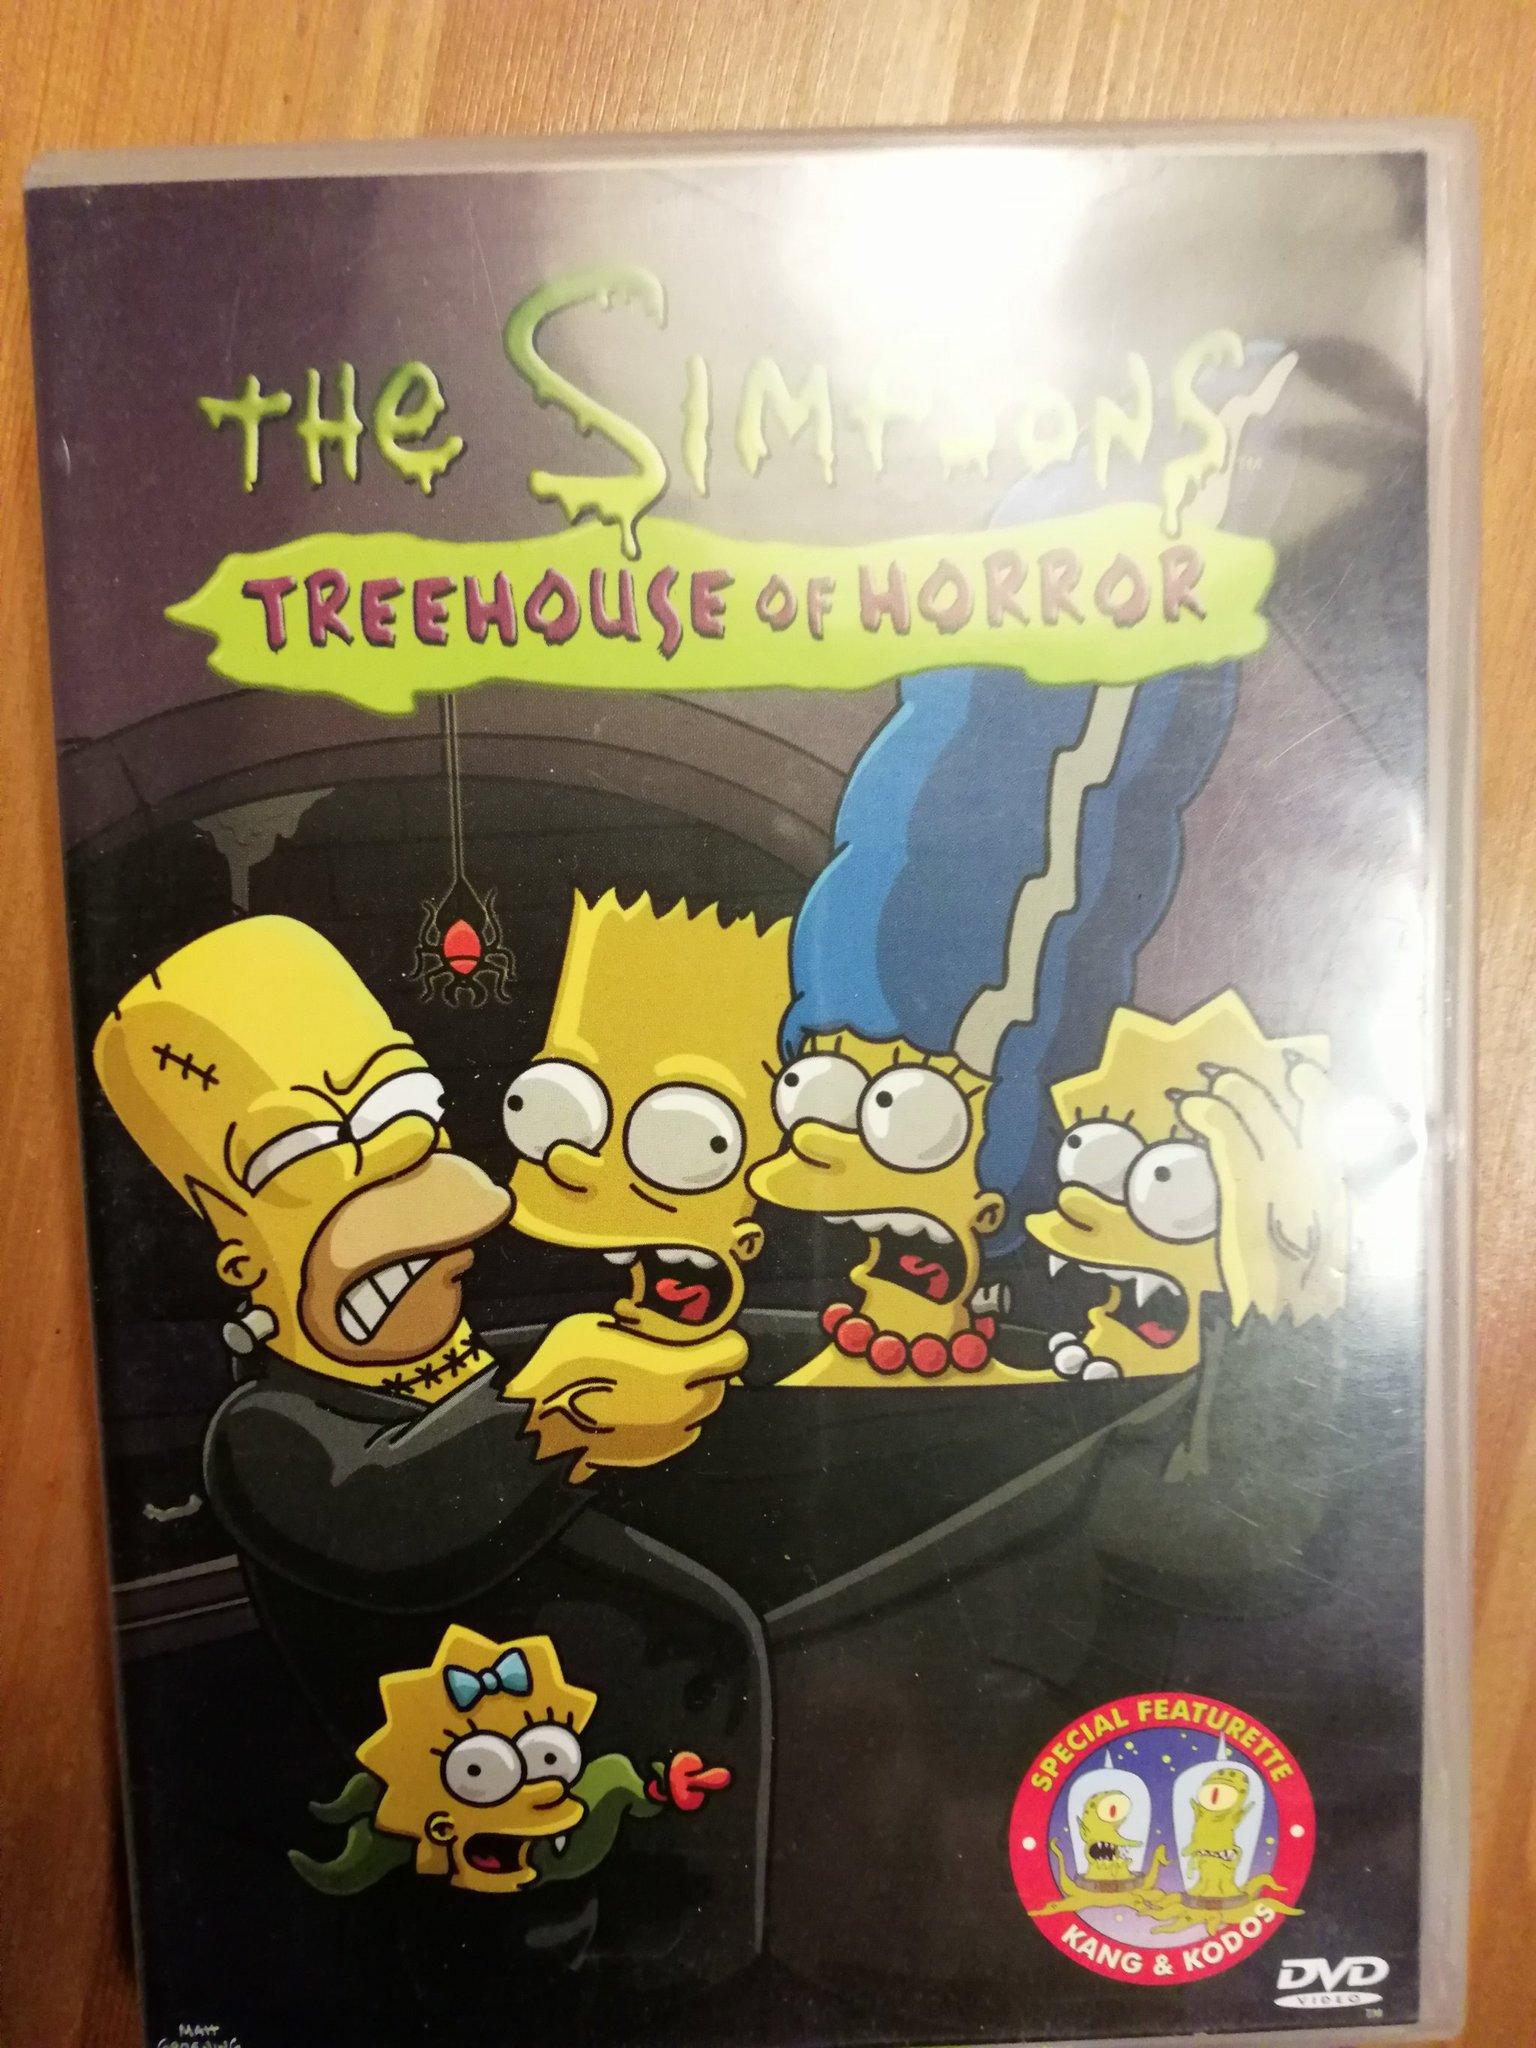 The Simpsons Treehouse of Horror DVD (352825042) ᐈ Köp på Tradera